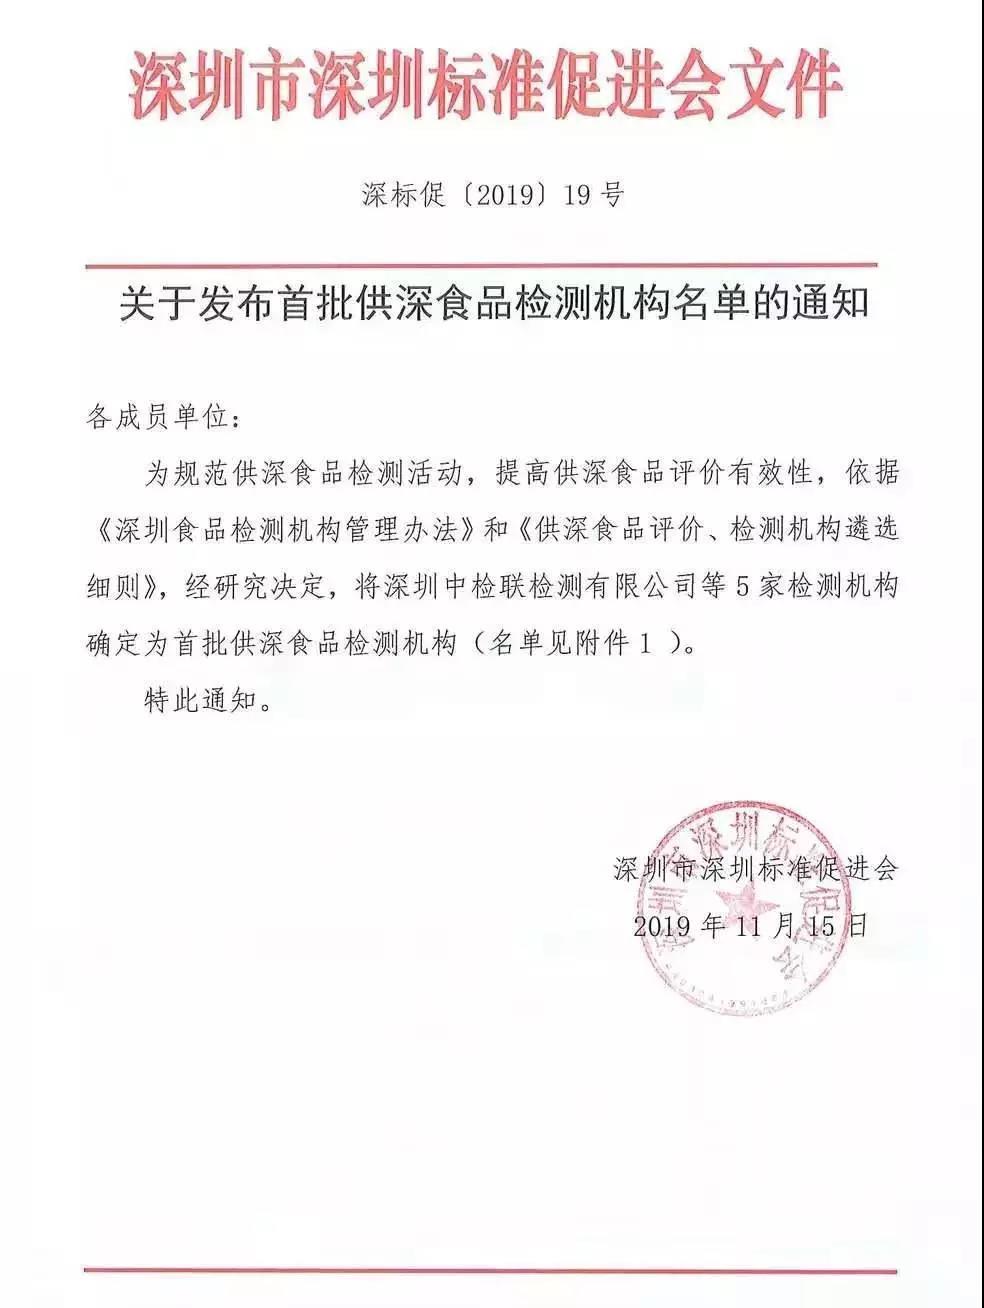 中检联检测成为首批供深食品检测机构,助力深圳打造食品安全...